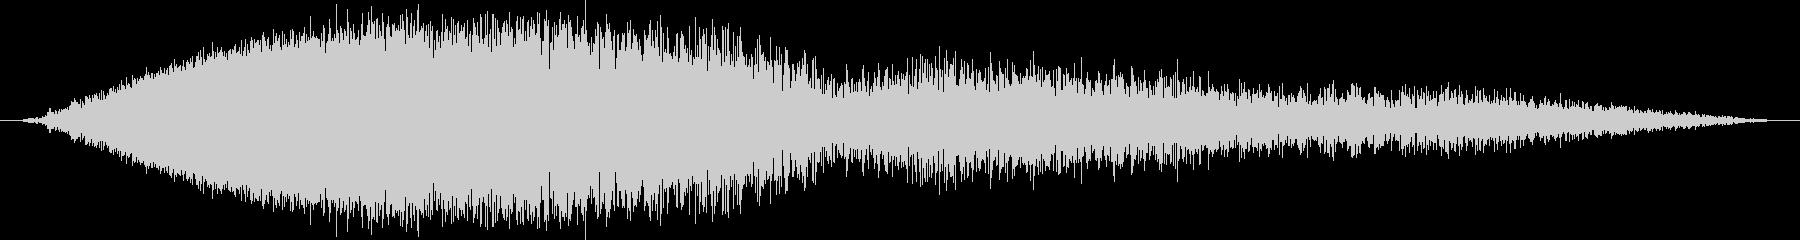 ヒューンシュワシュワ (飛行する音)の未再生の波形